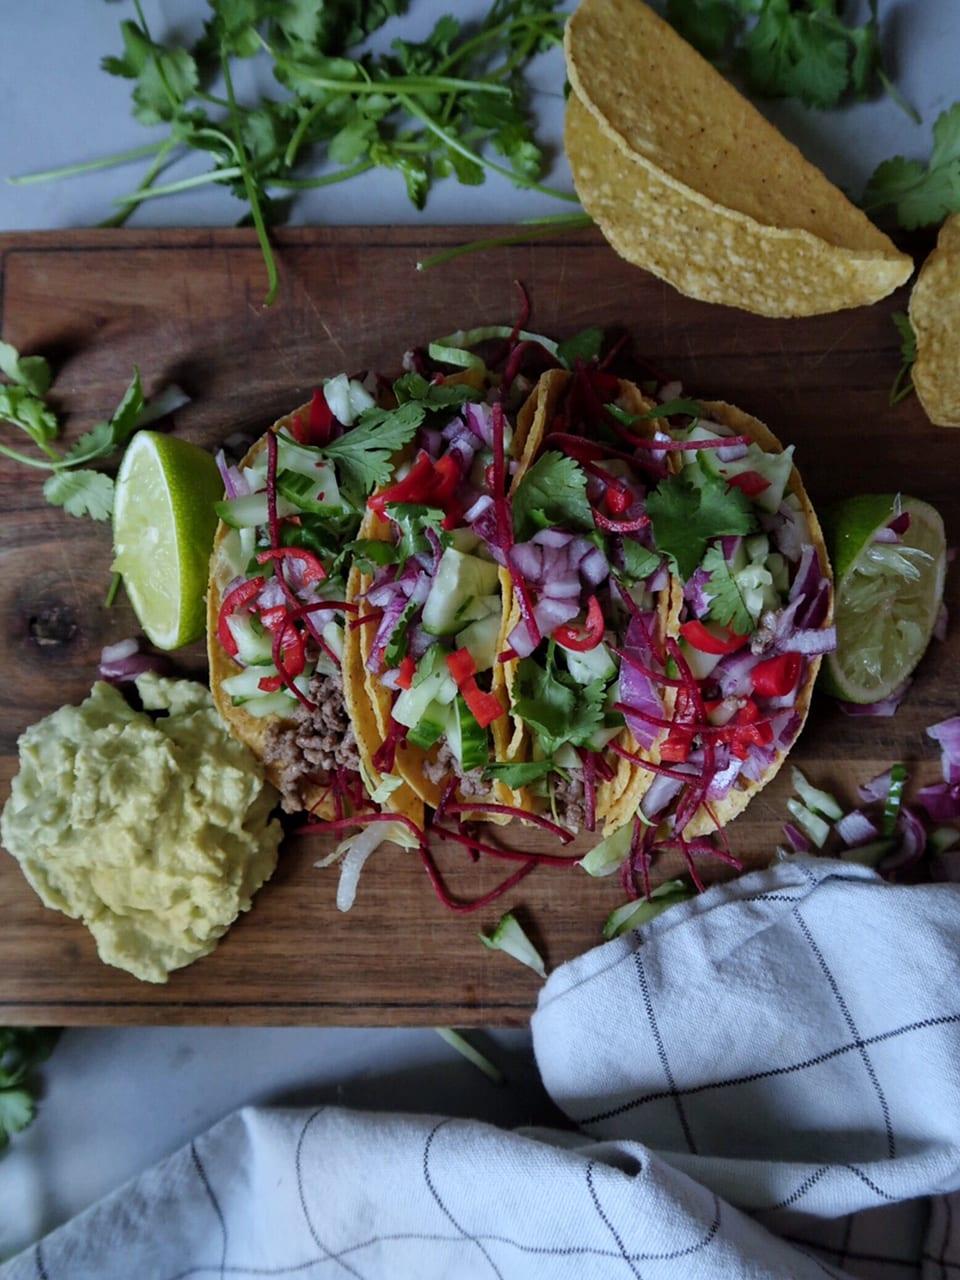 tacoschelpen gehakt guacamole met gehakt en guacamoleen met gehakt guacamole